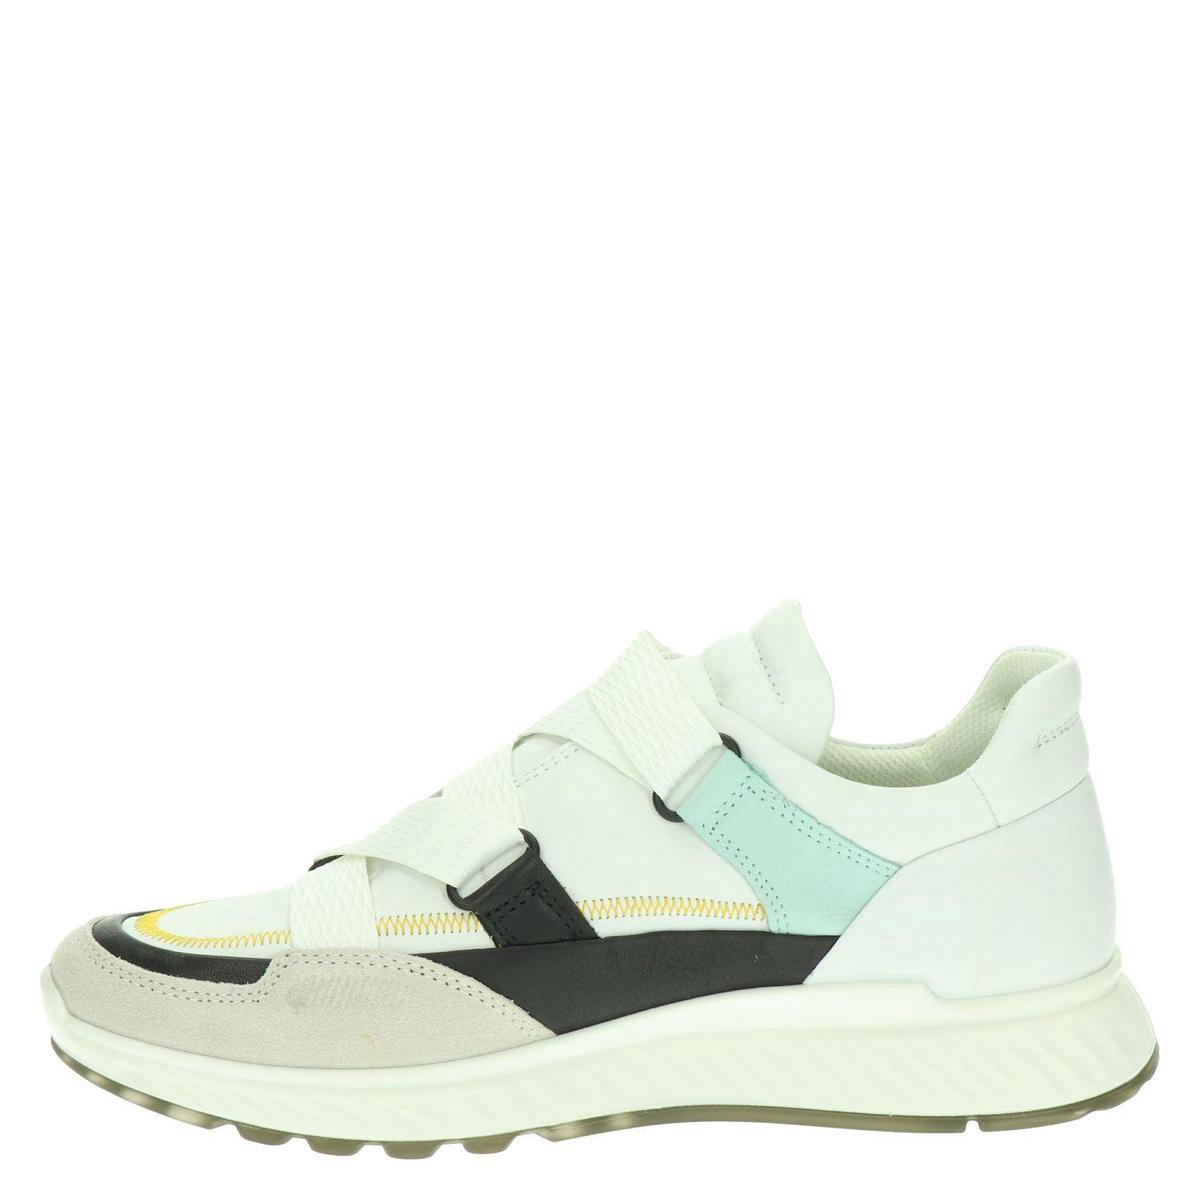 Ecco ST.1 dames sneaker - Wit multi - Maat 35 MN7Fv